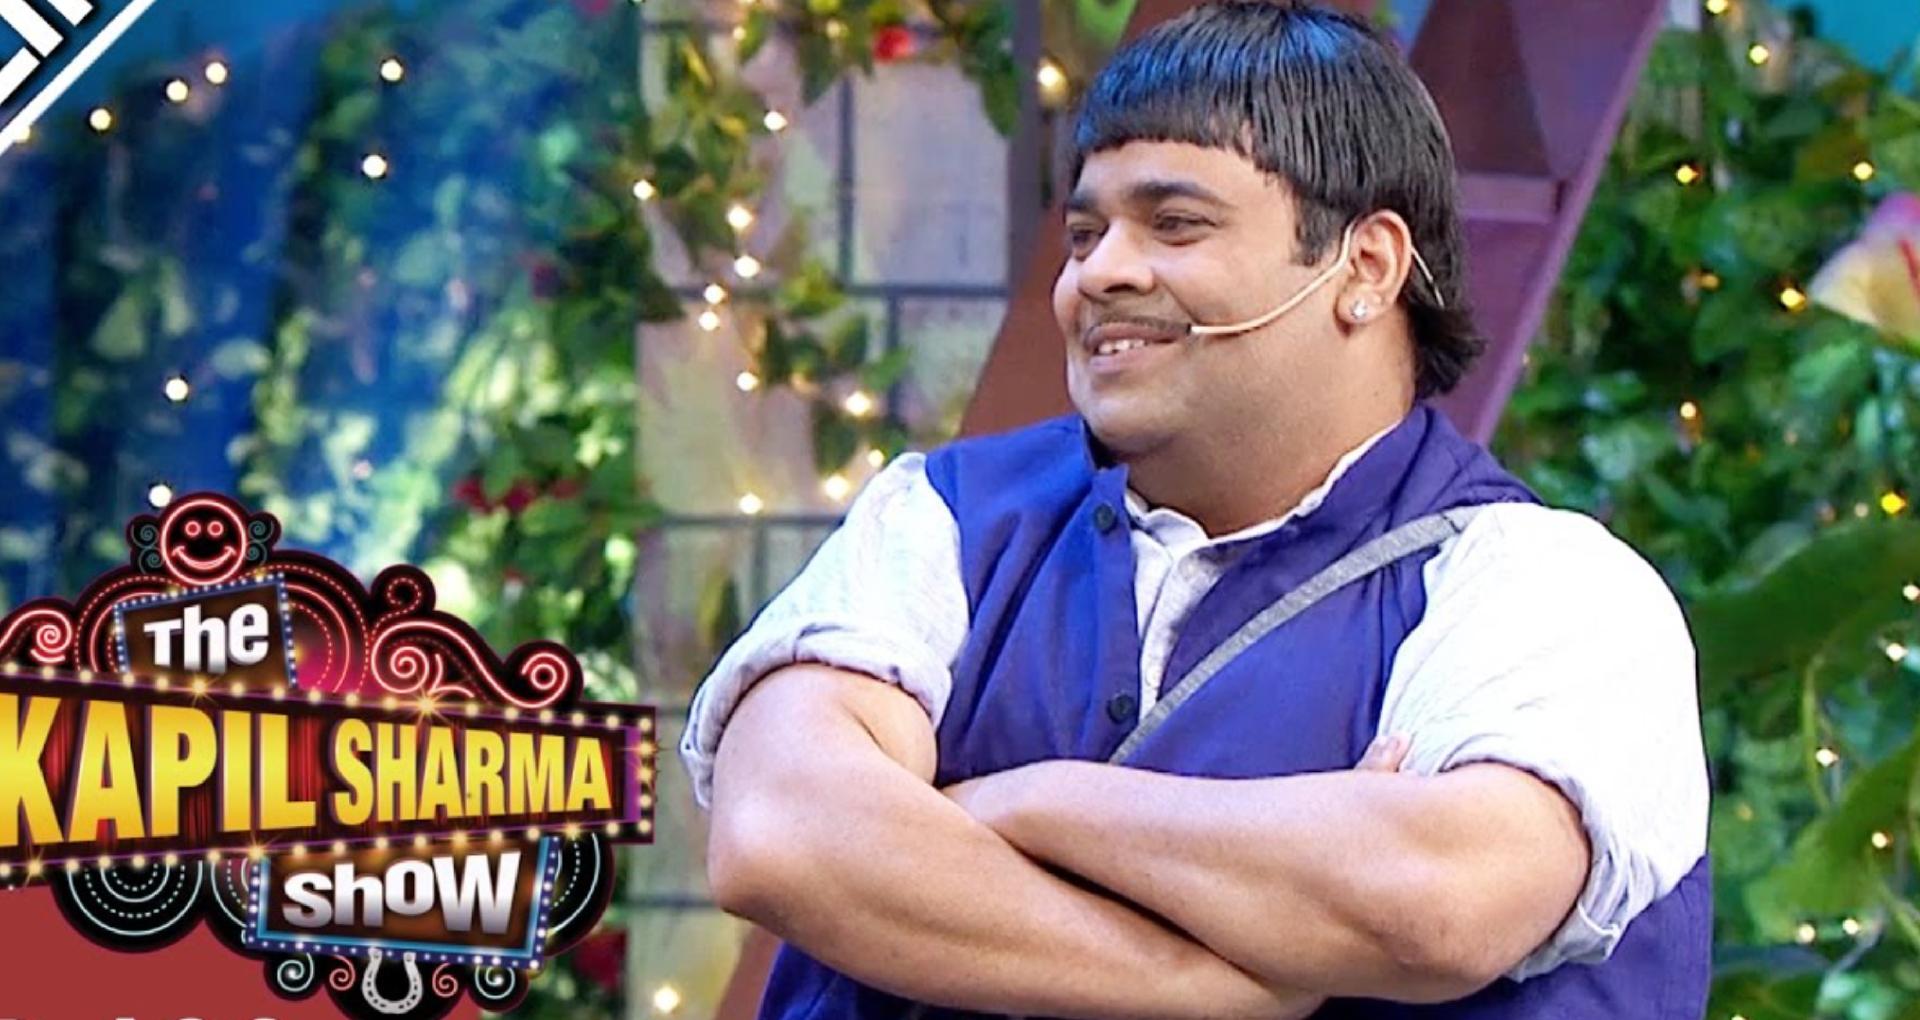 द कपिल शर्मा शो में बच्चा यादव ने अक्षय कुमार को सुनाया ऐसा जोक, सुनकर आप भी हंसते-हंसते हो जाएंगे लोटपोट